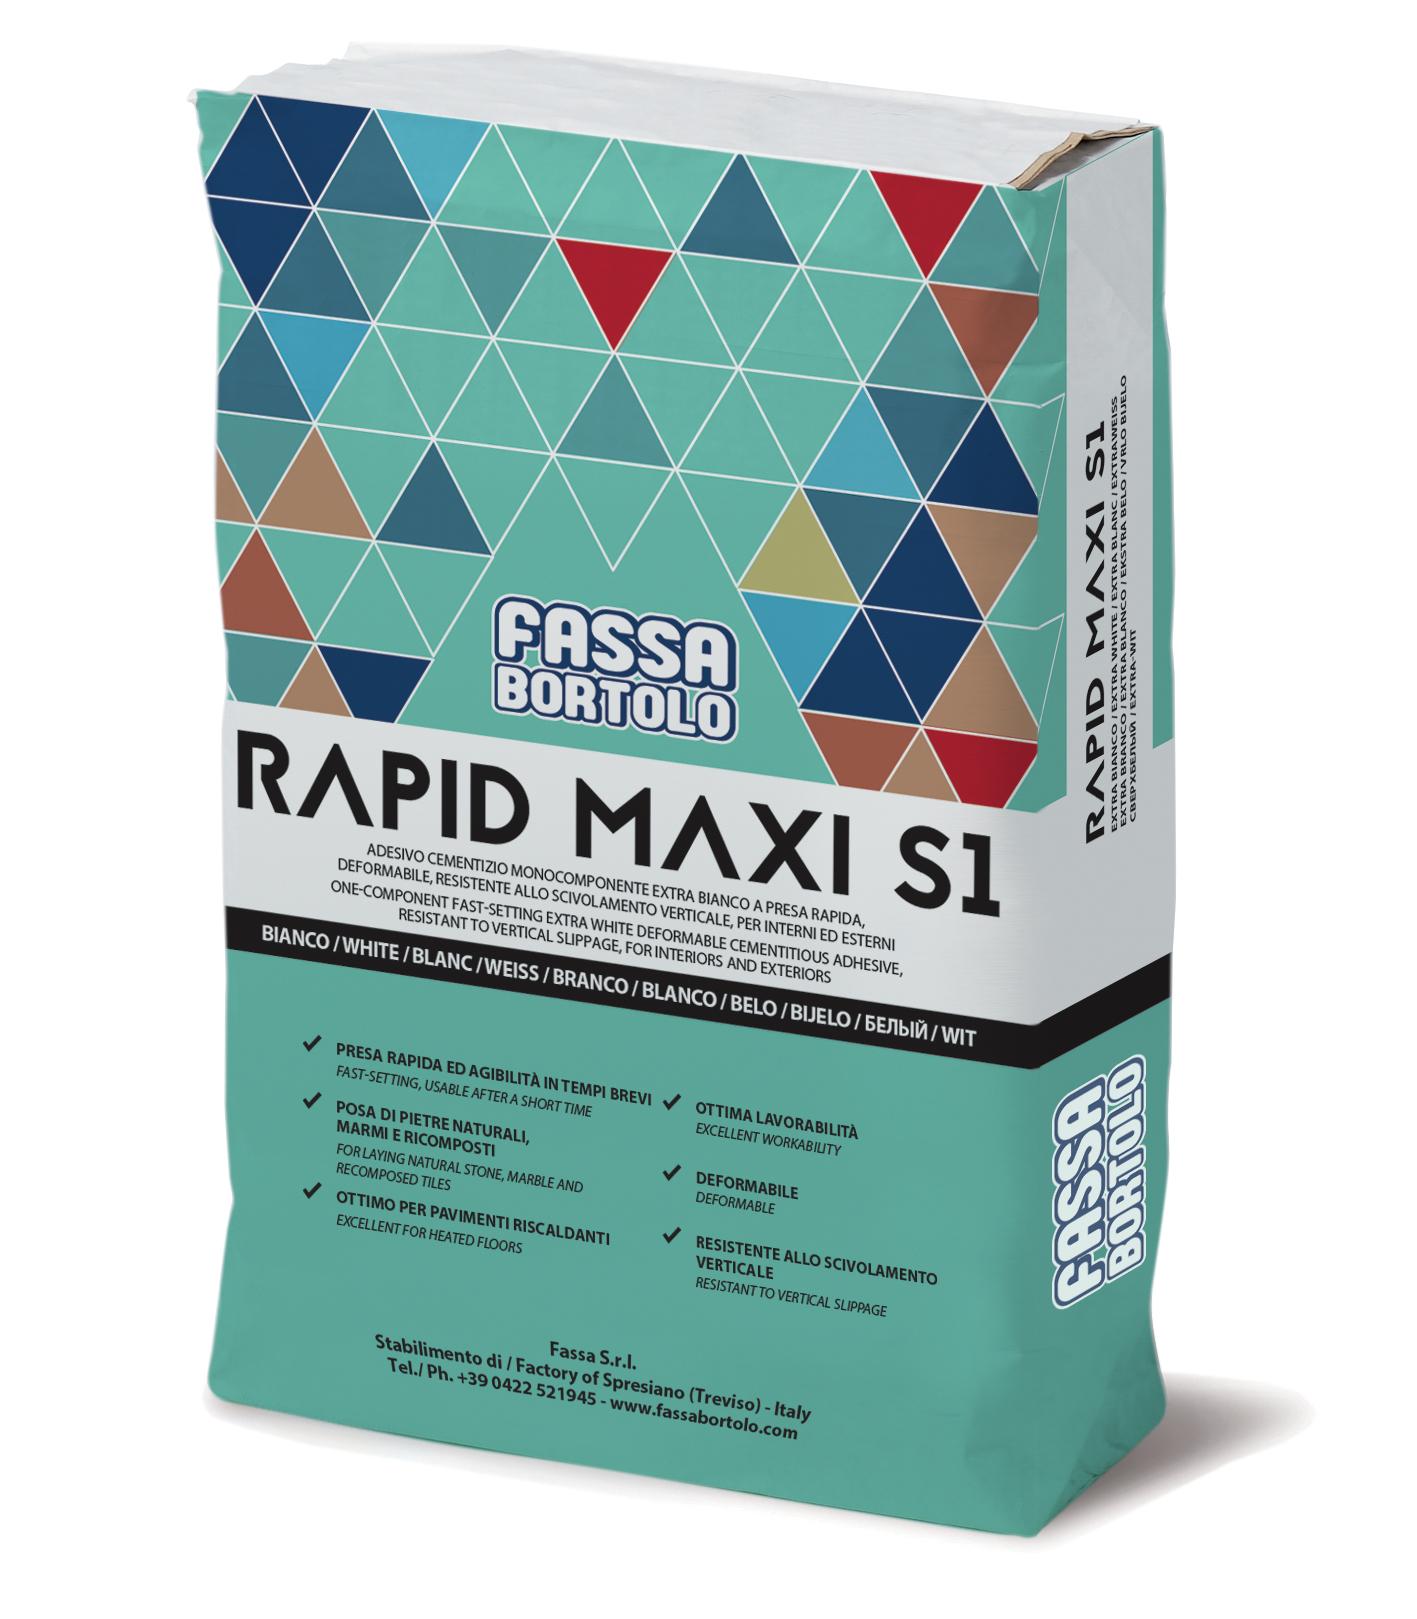 RAPID MAXI S1